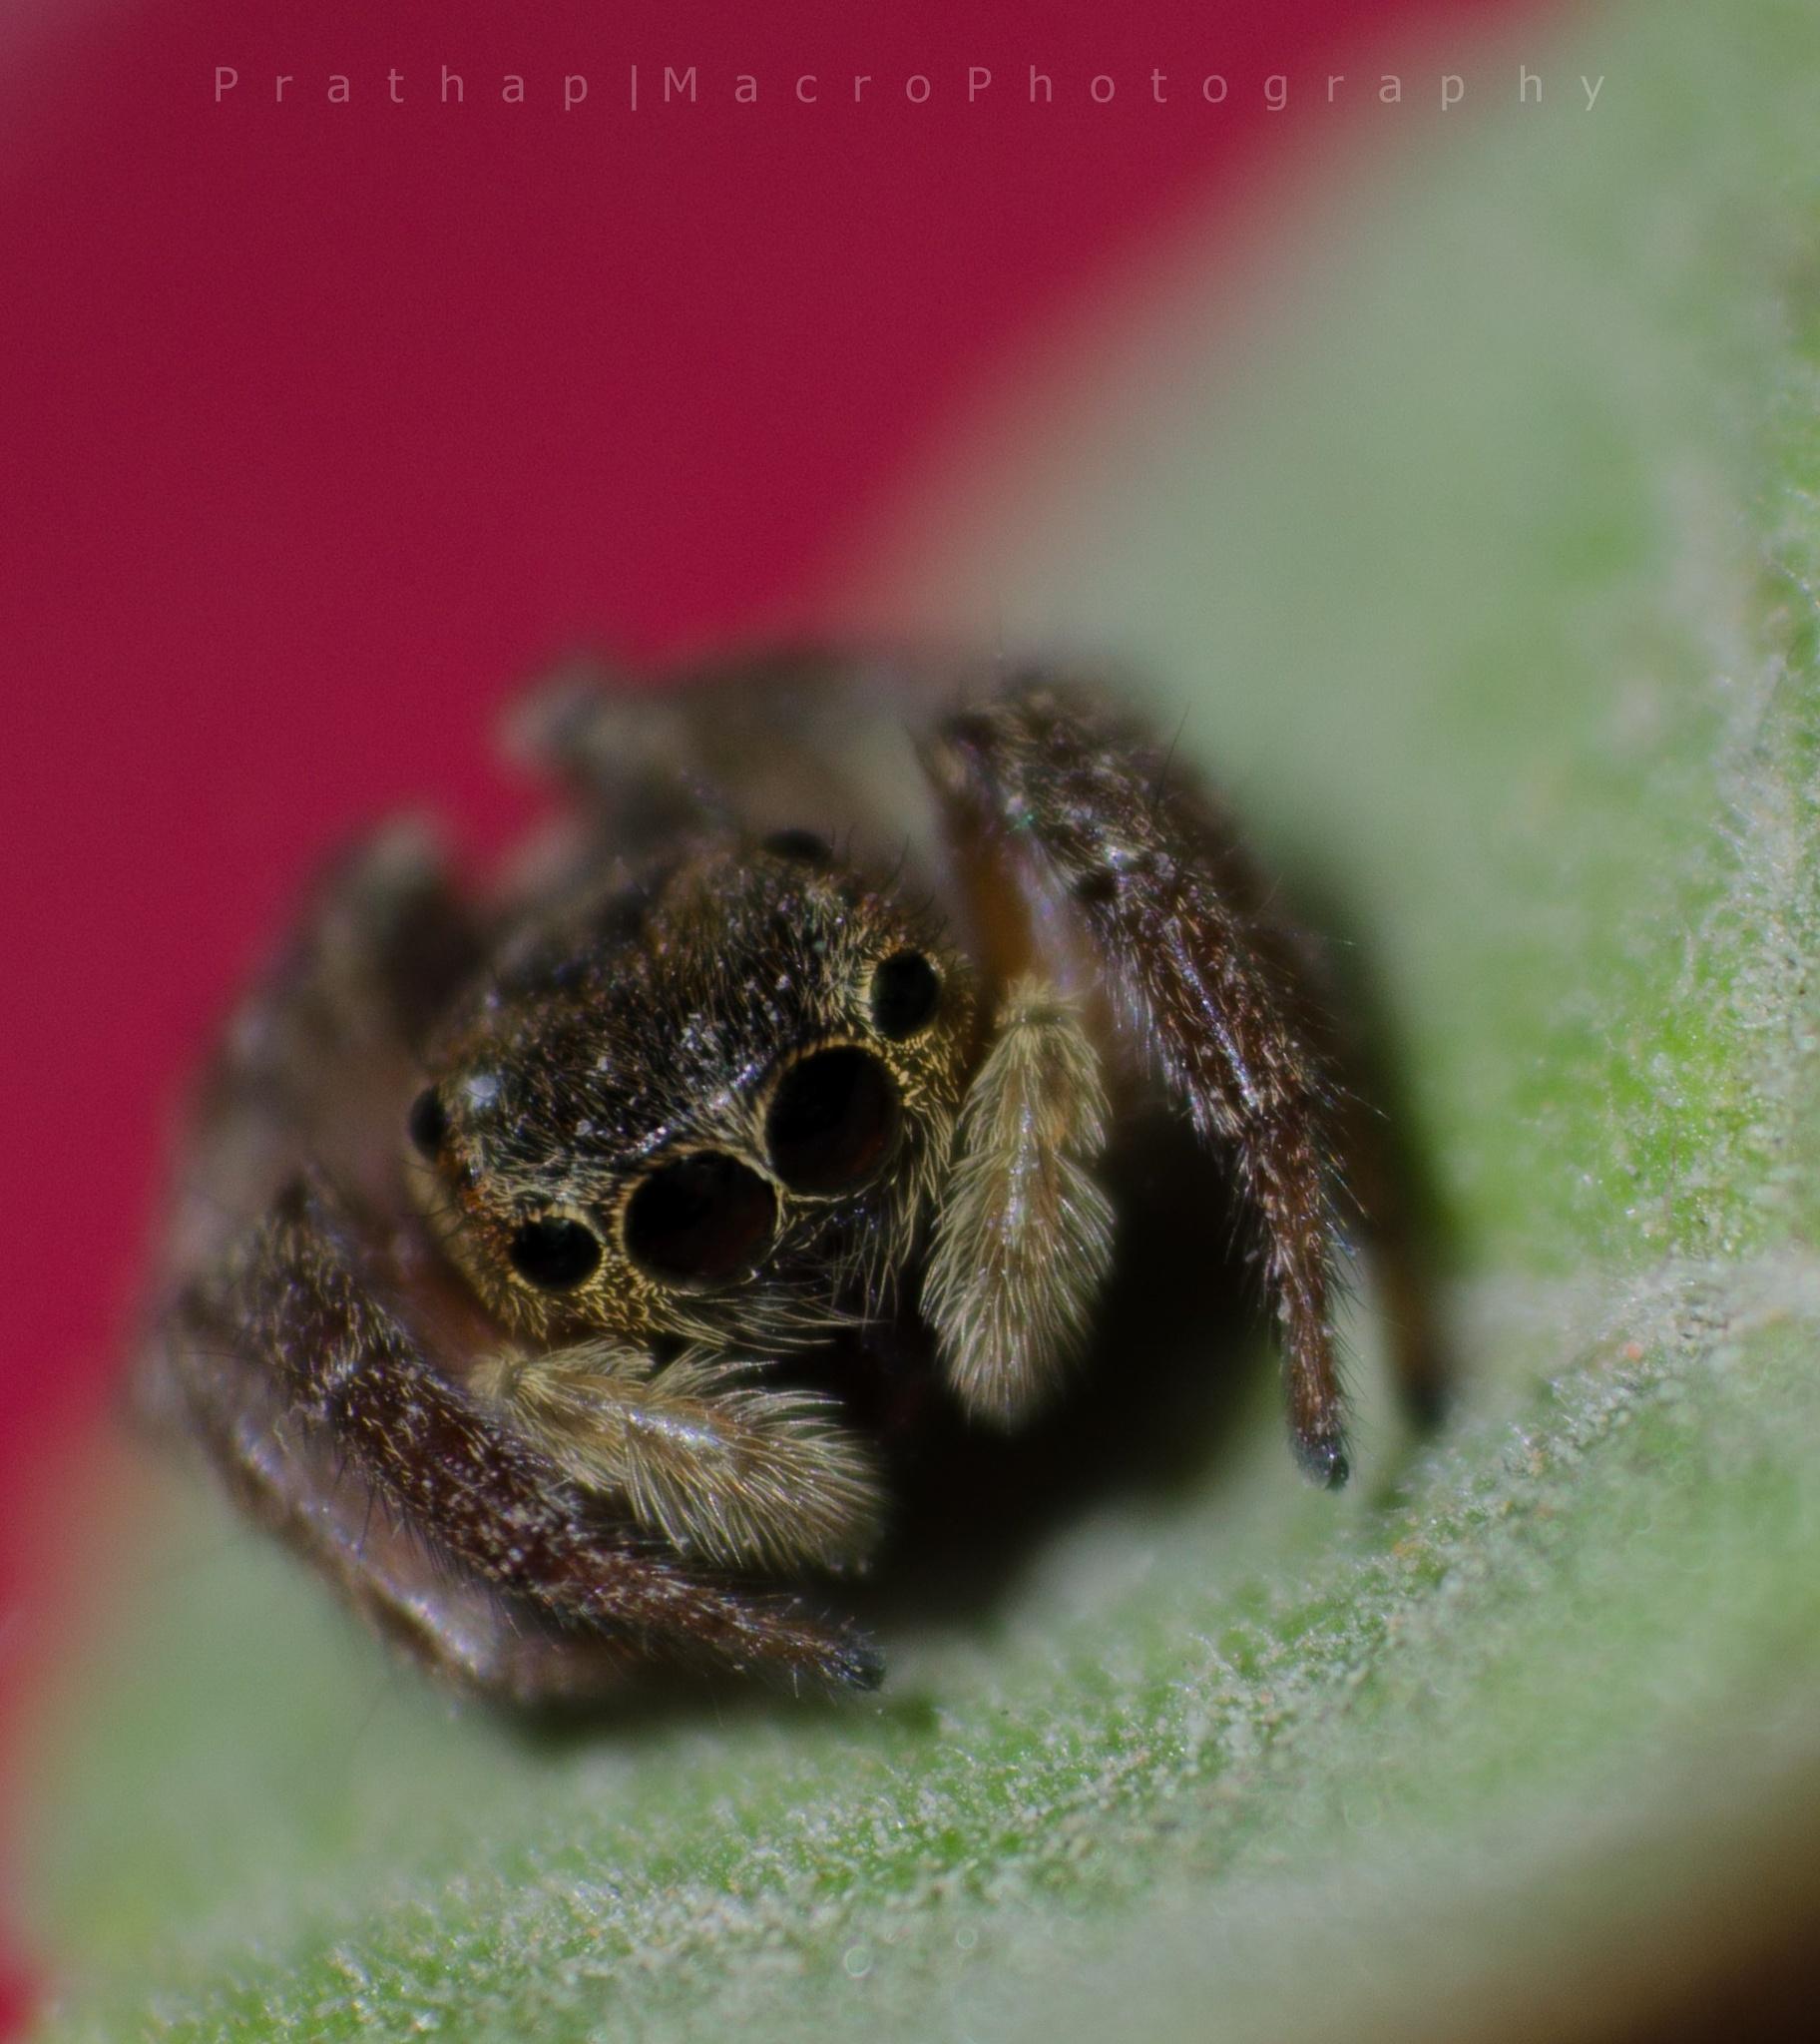 Jumping Spider o00o !! by Prathap Gangireddy